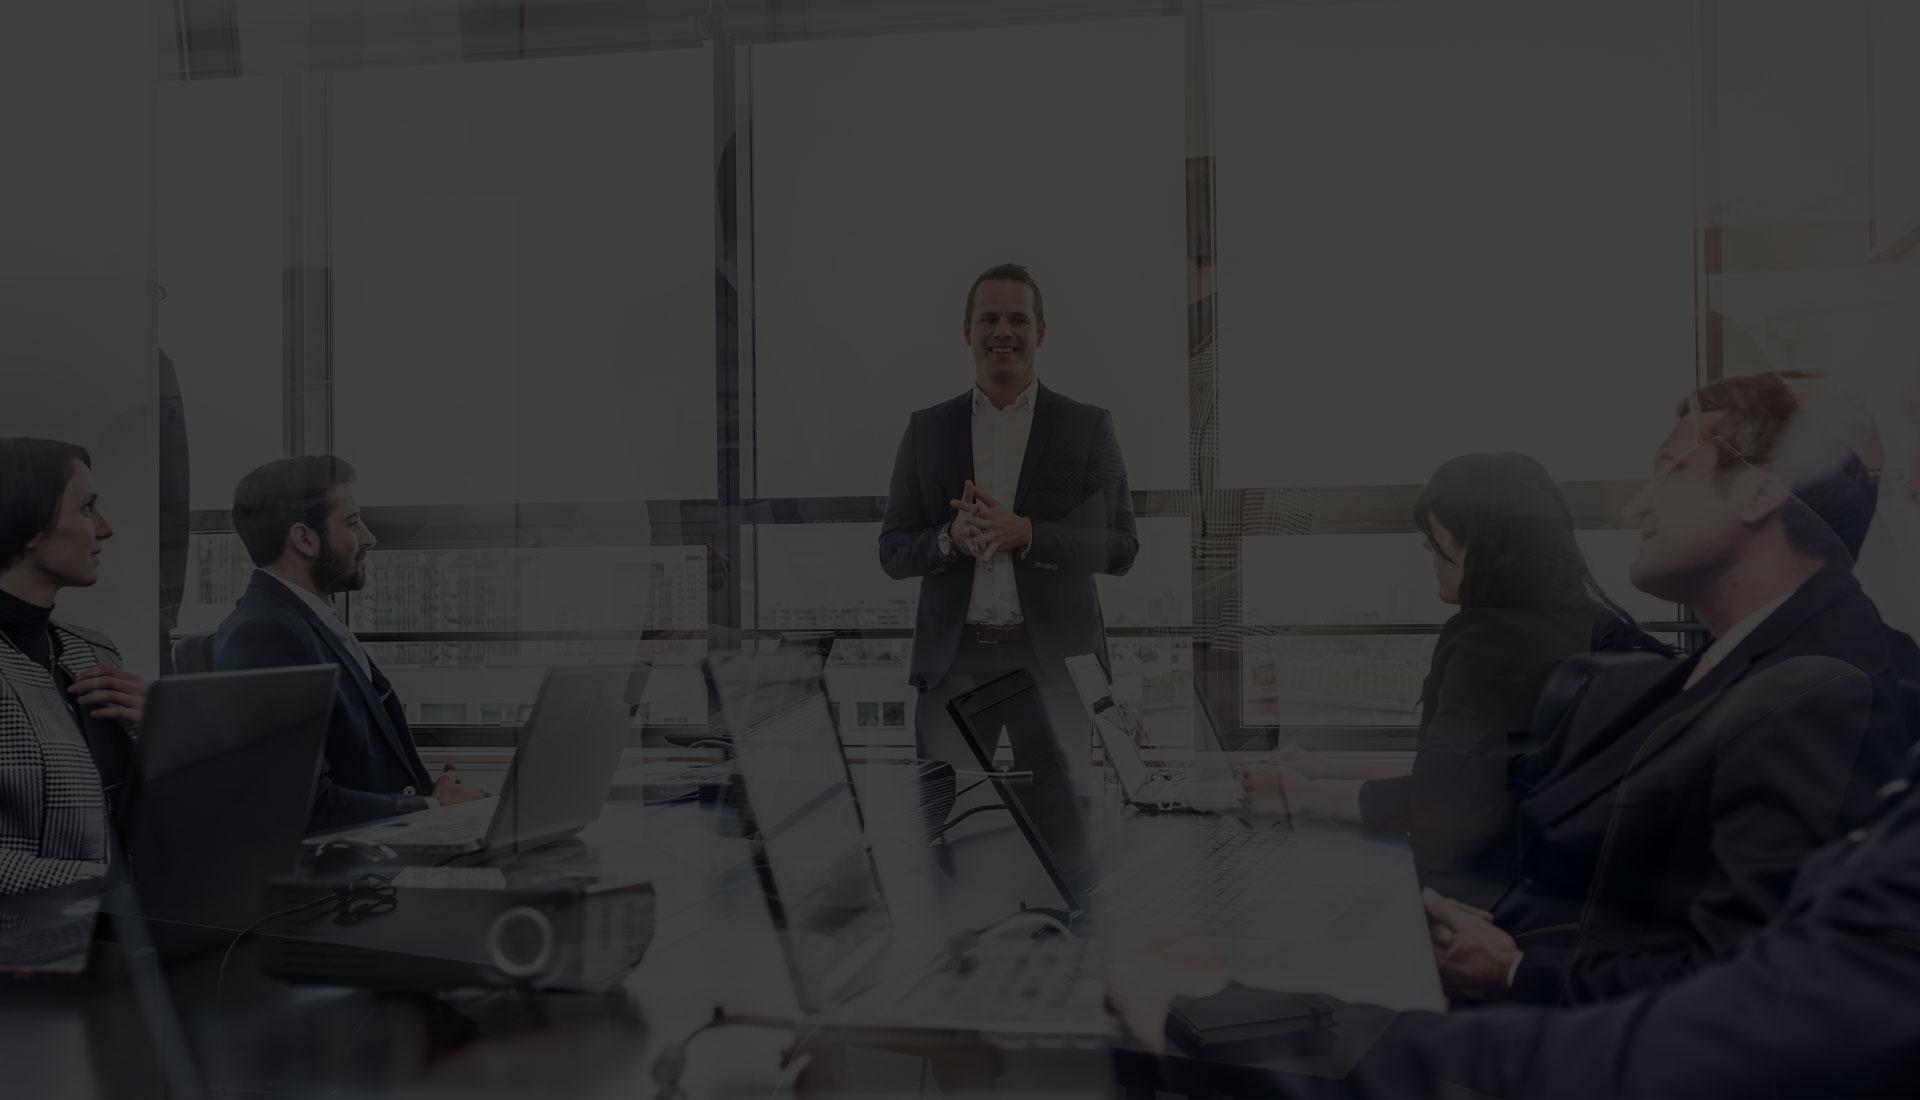 Tendances Business Quels sont les business prometteurs